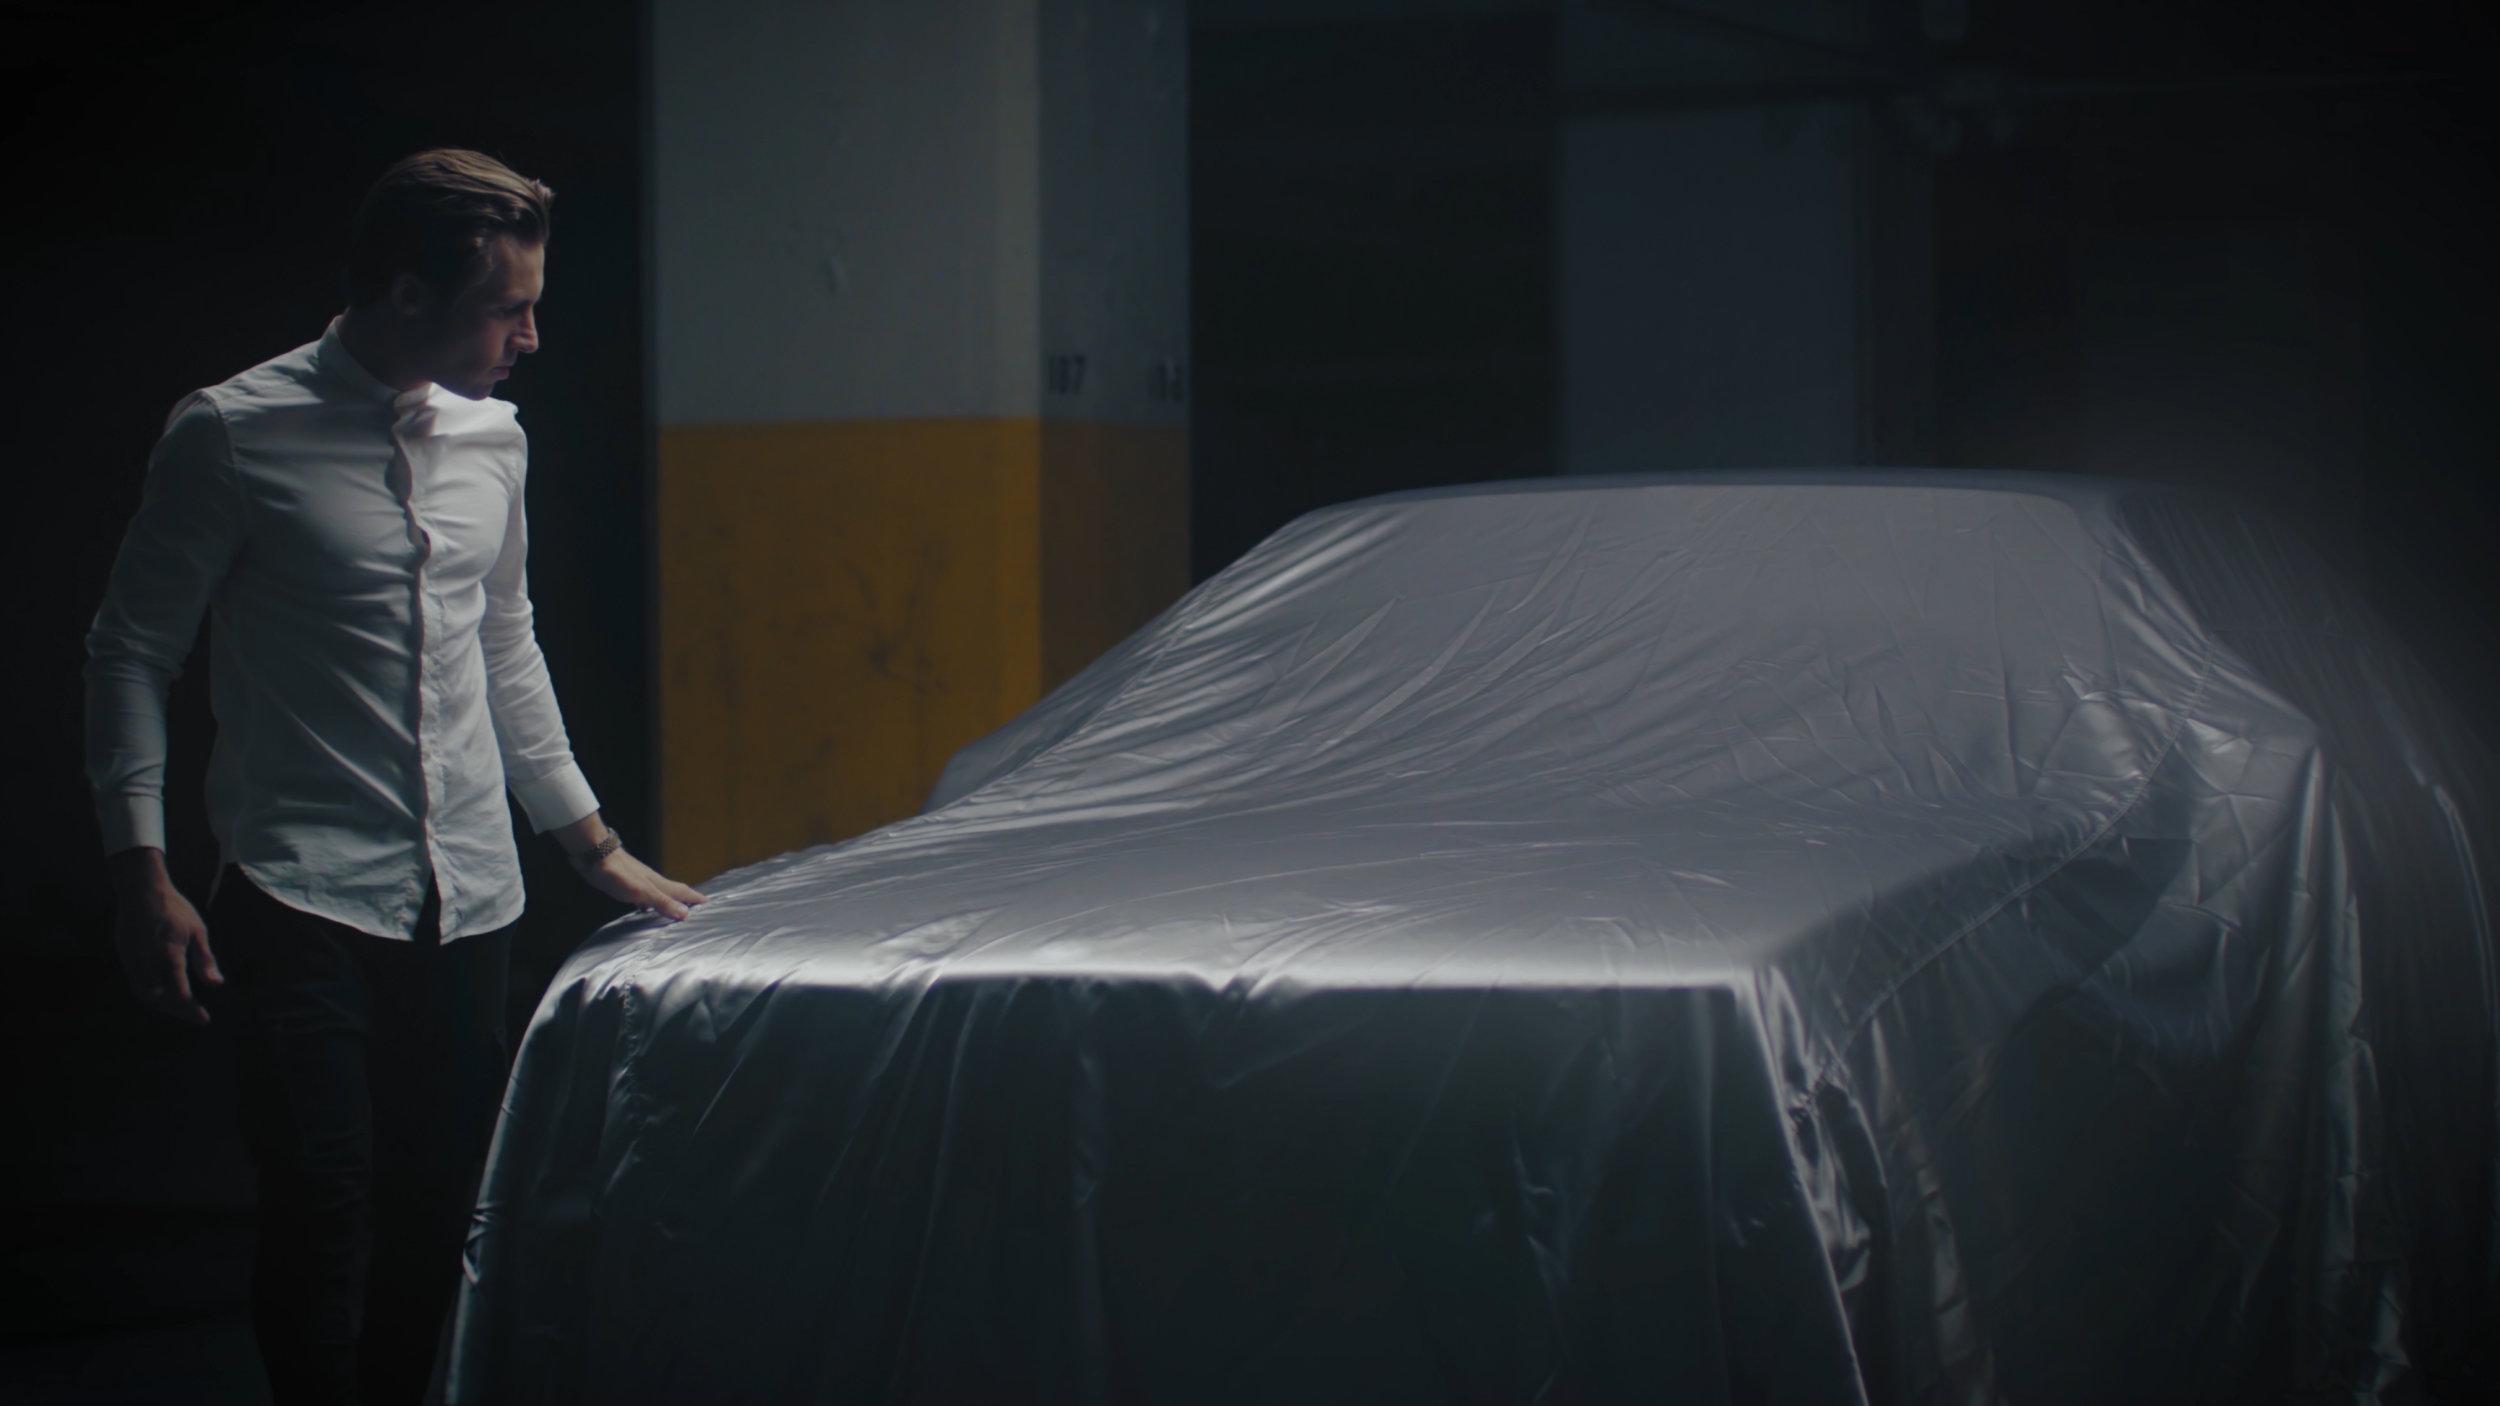 Autohaus BMW Culture 4K Final 3.00_00_26_00.Still004.jpg